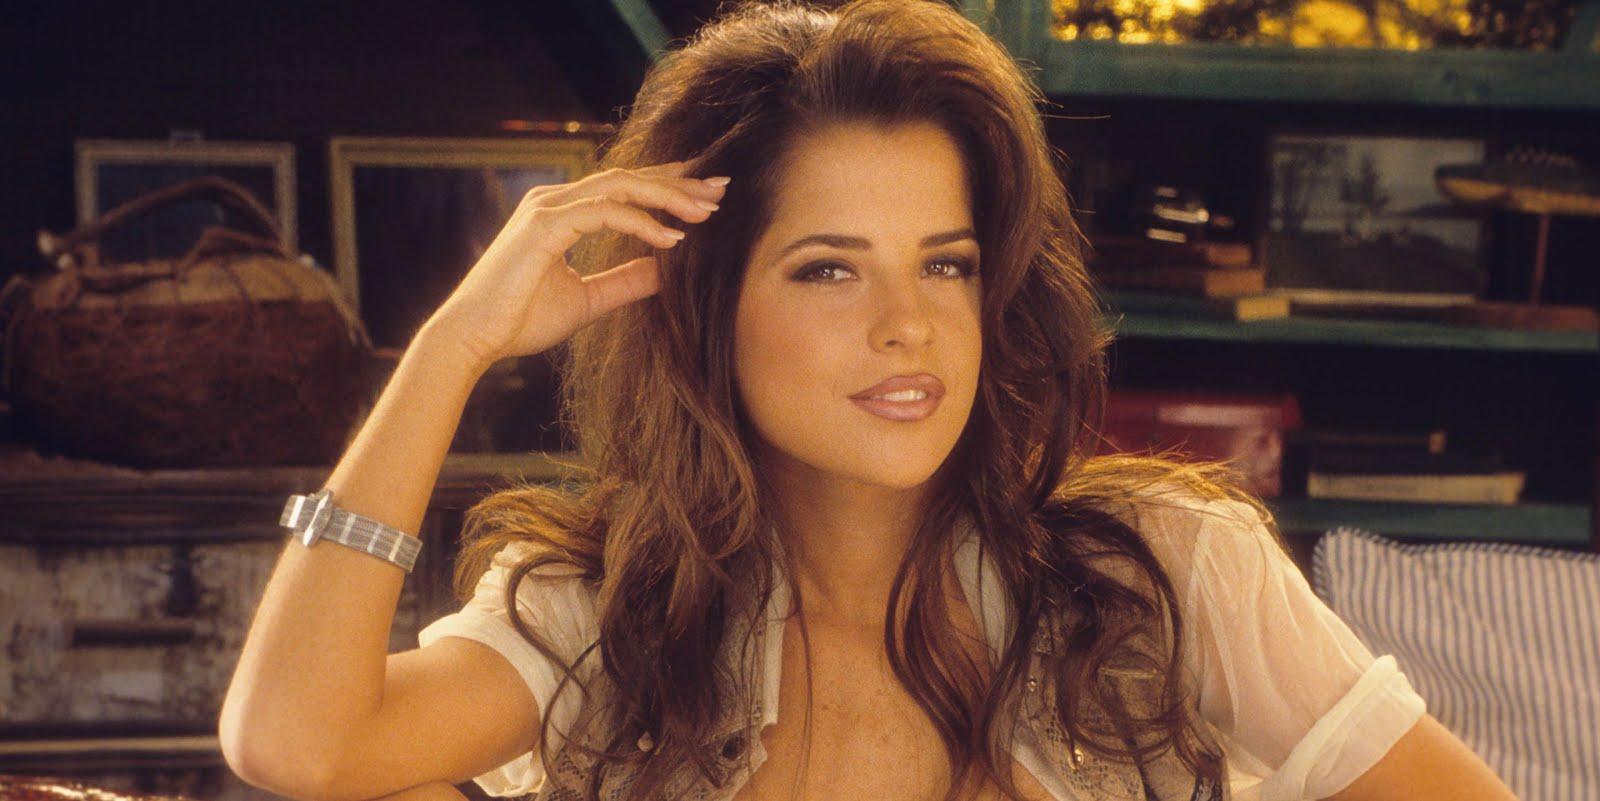 Rosario dawson nude pictures